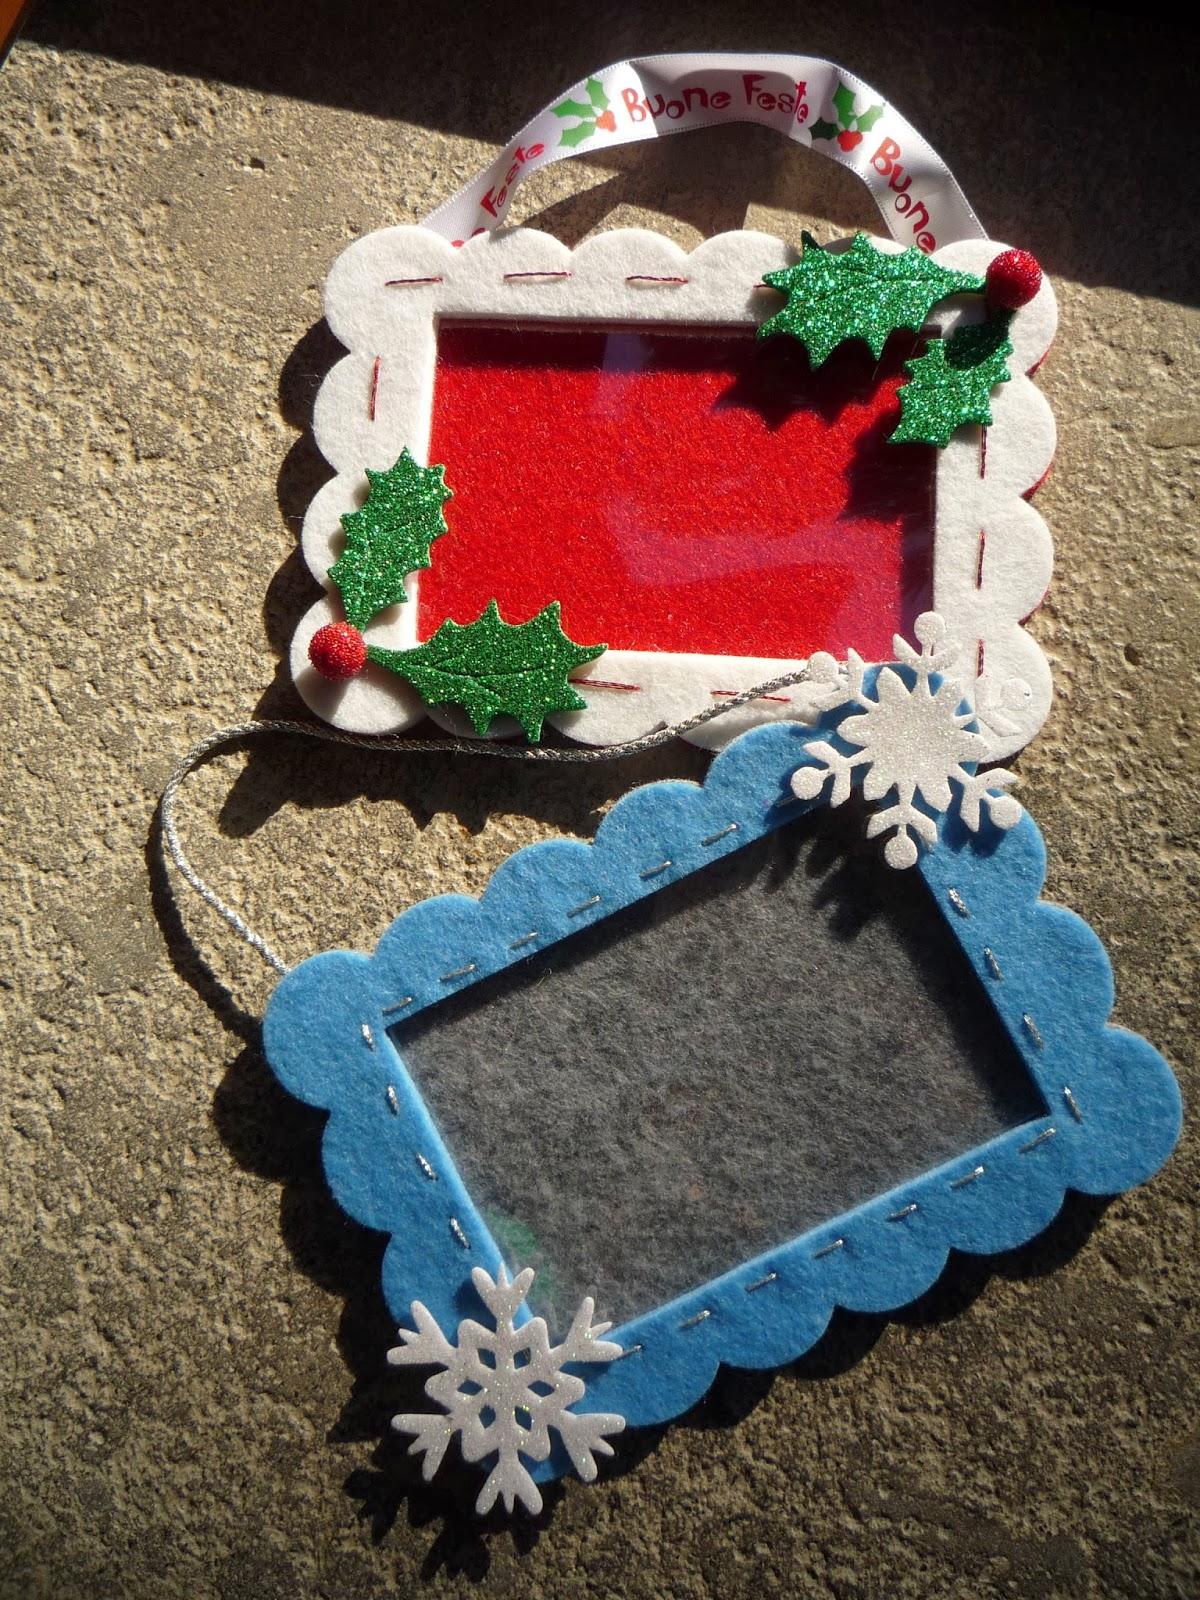 Regali Di Natale In Pannolenci.Passione Creativita Feltro Lavori Di Natale 3